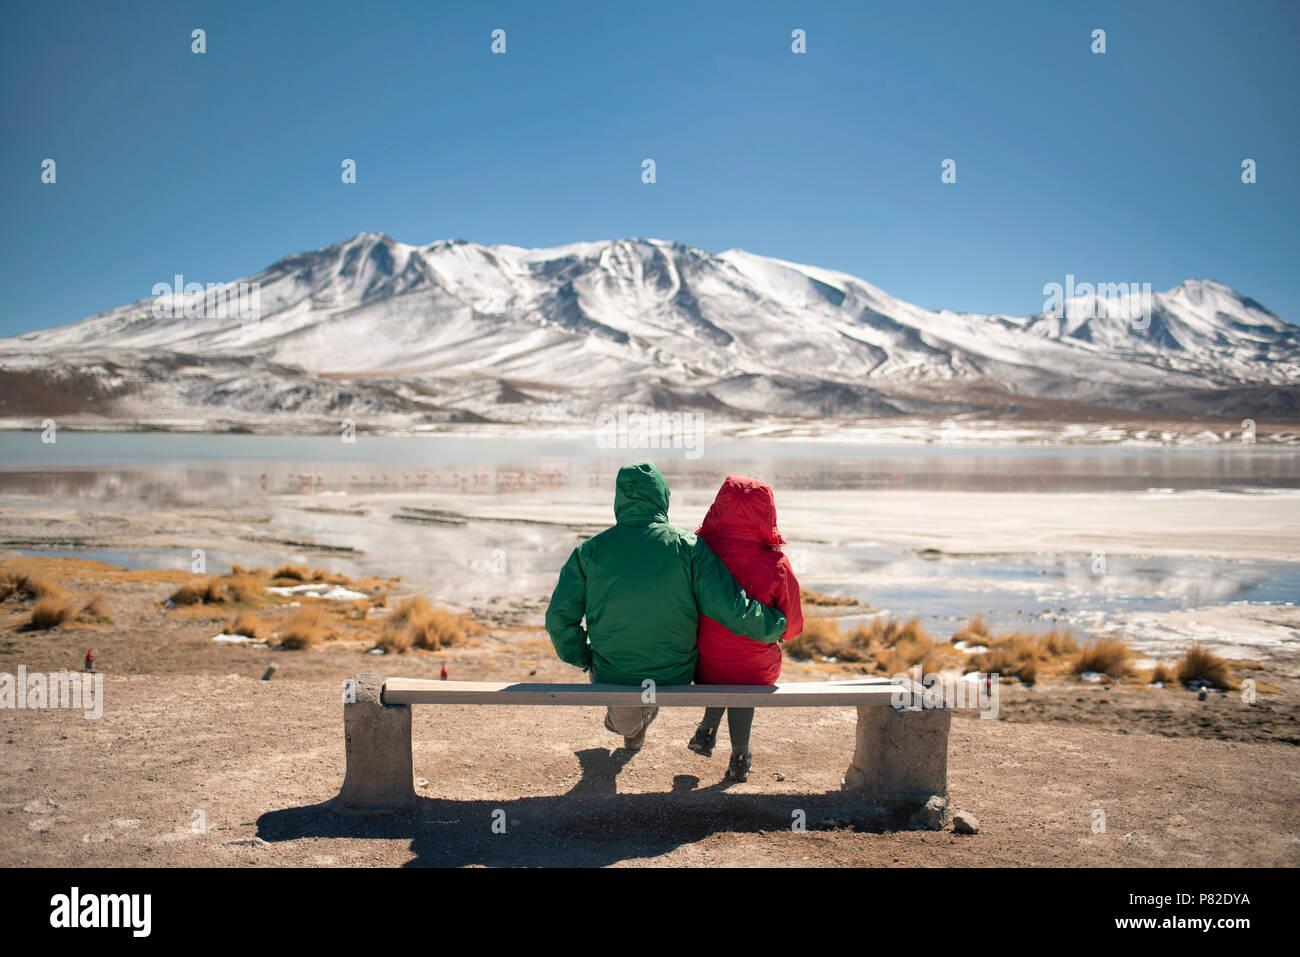 Giovane a guardare il fantastico panorama di Laguna Cañapa (Cañapa Salt Lake) nel dipartimento di Potosí, Bolivia. Foto Stock